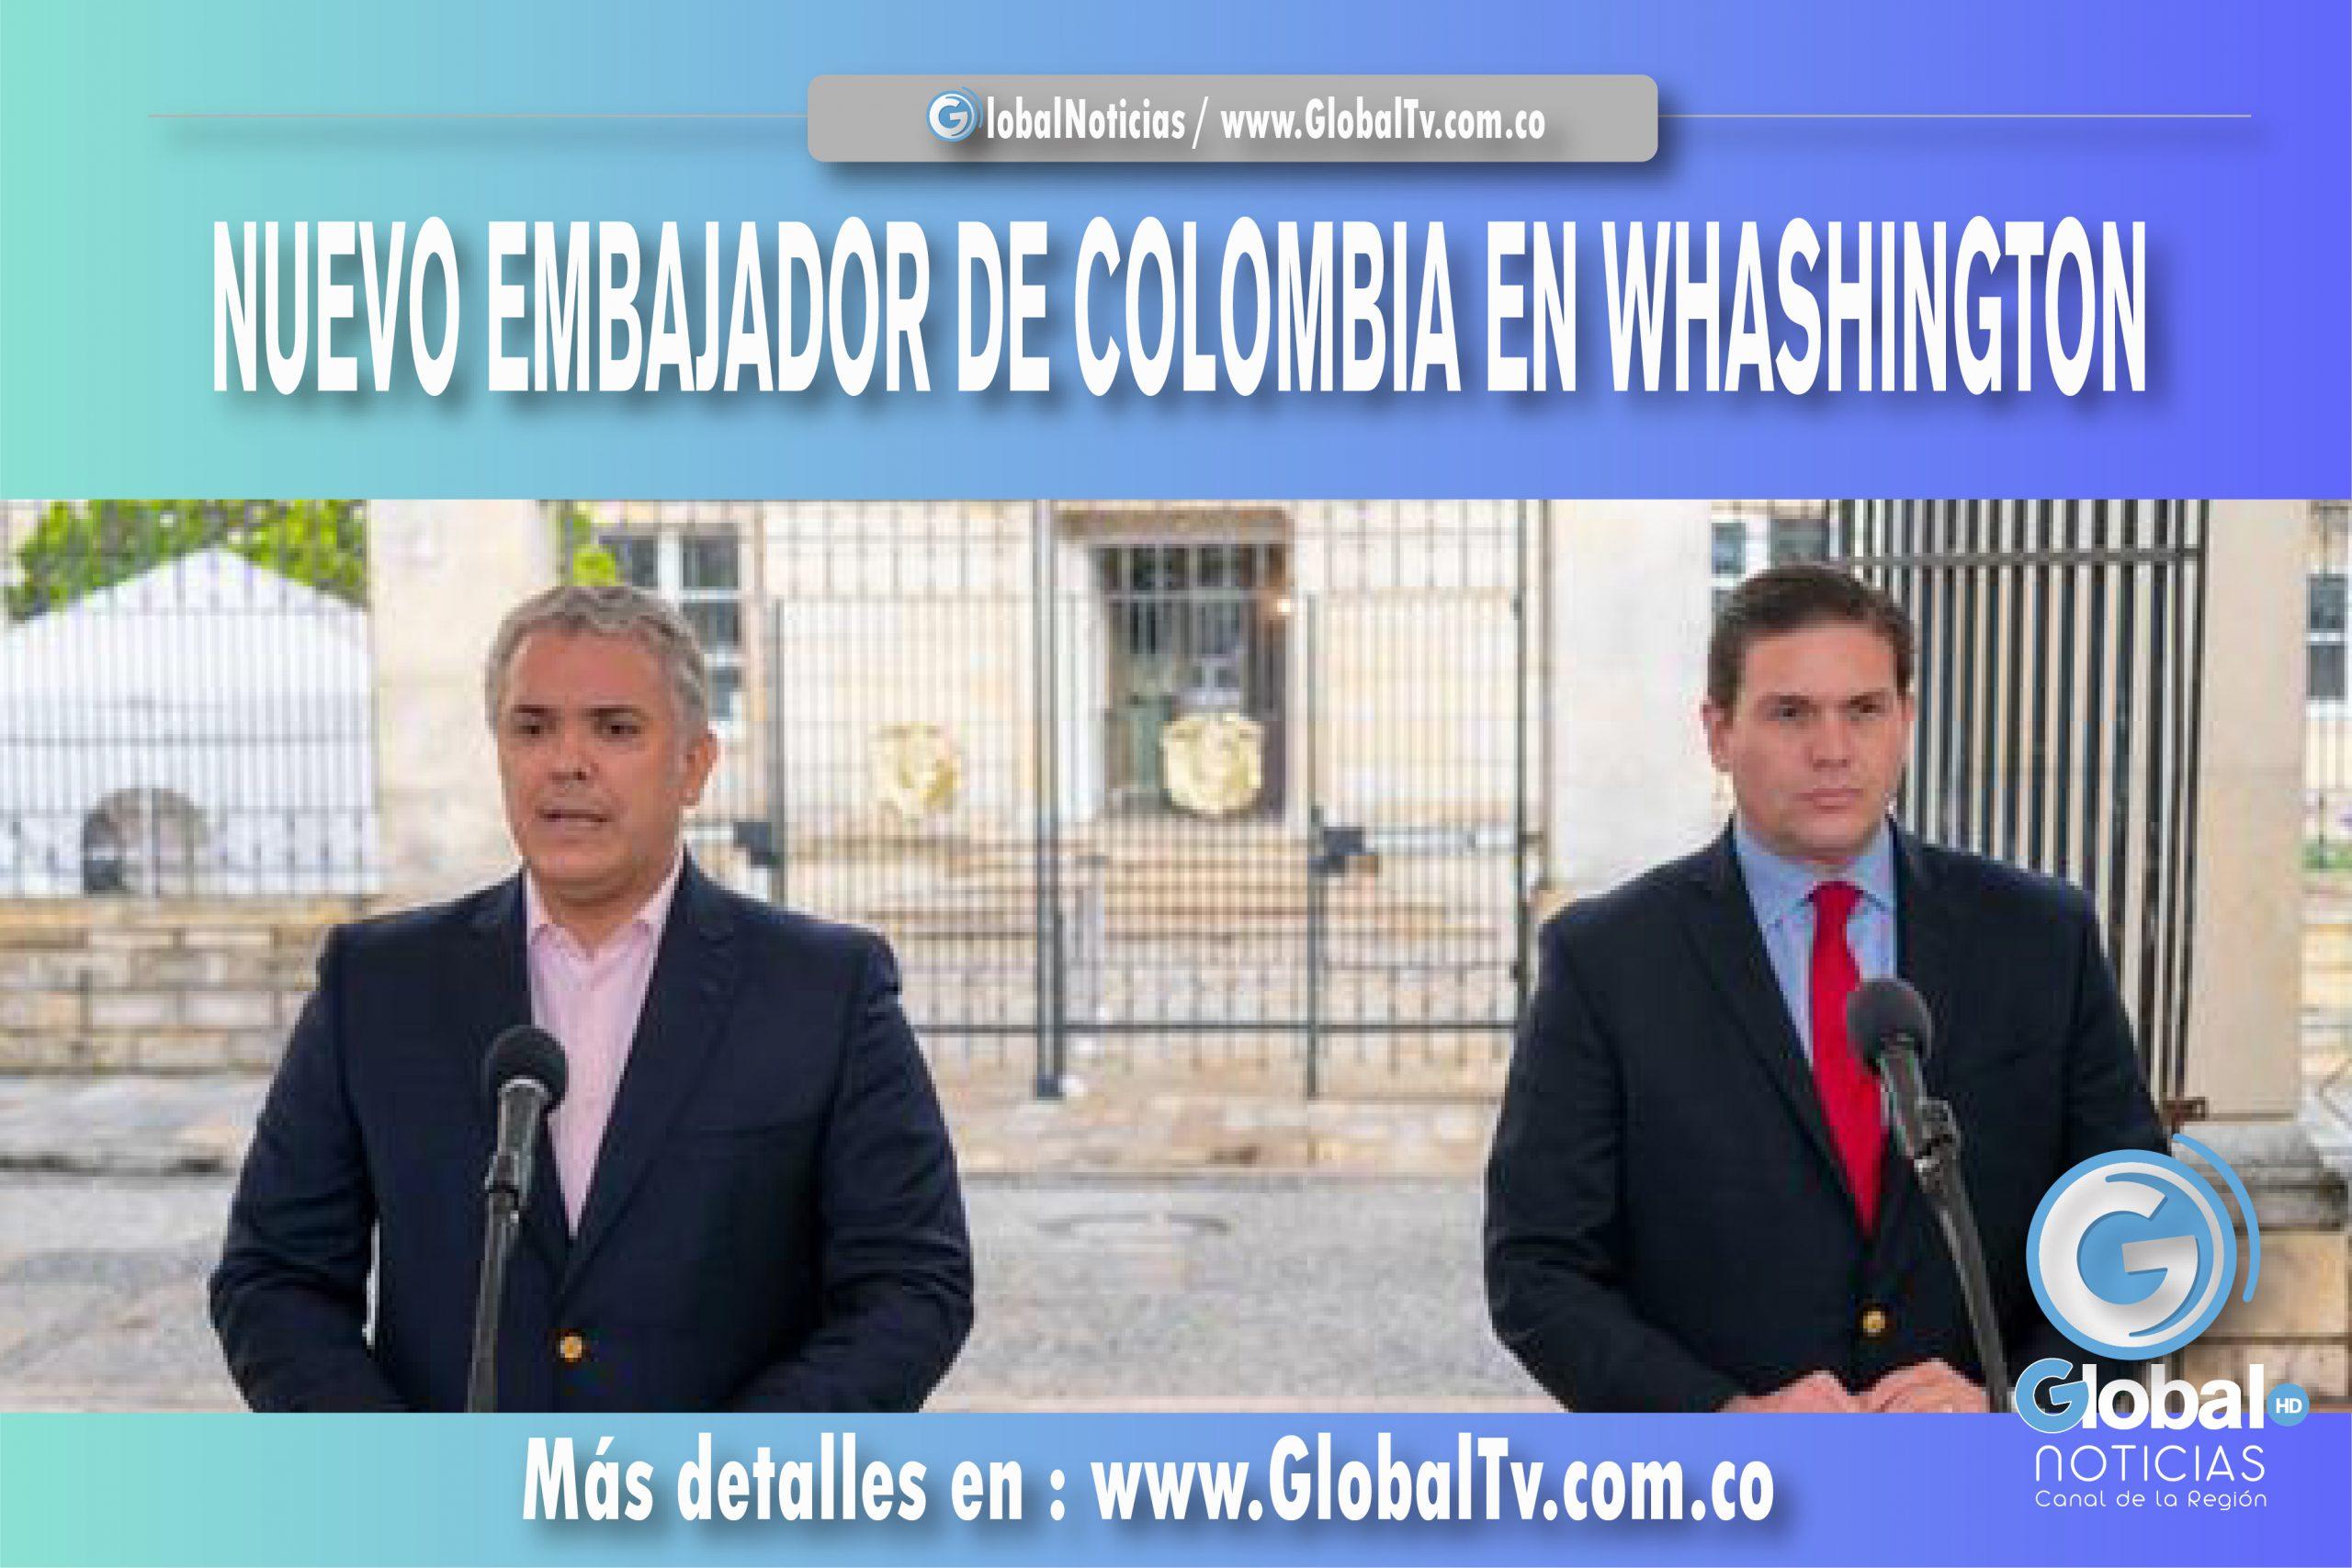 NUEVO EMBAJADOR DE COLOMBIA EN WHASHINGTON